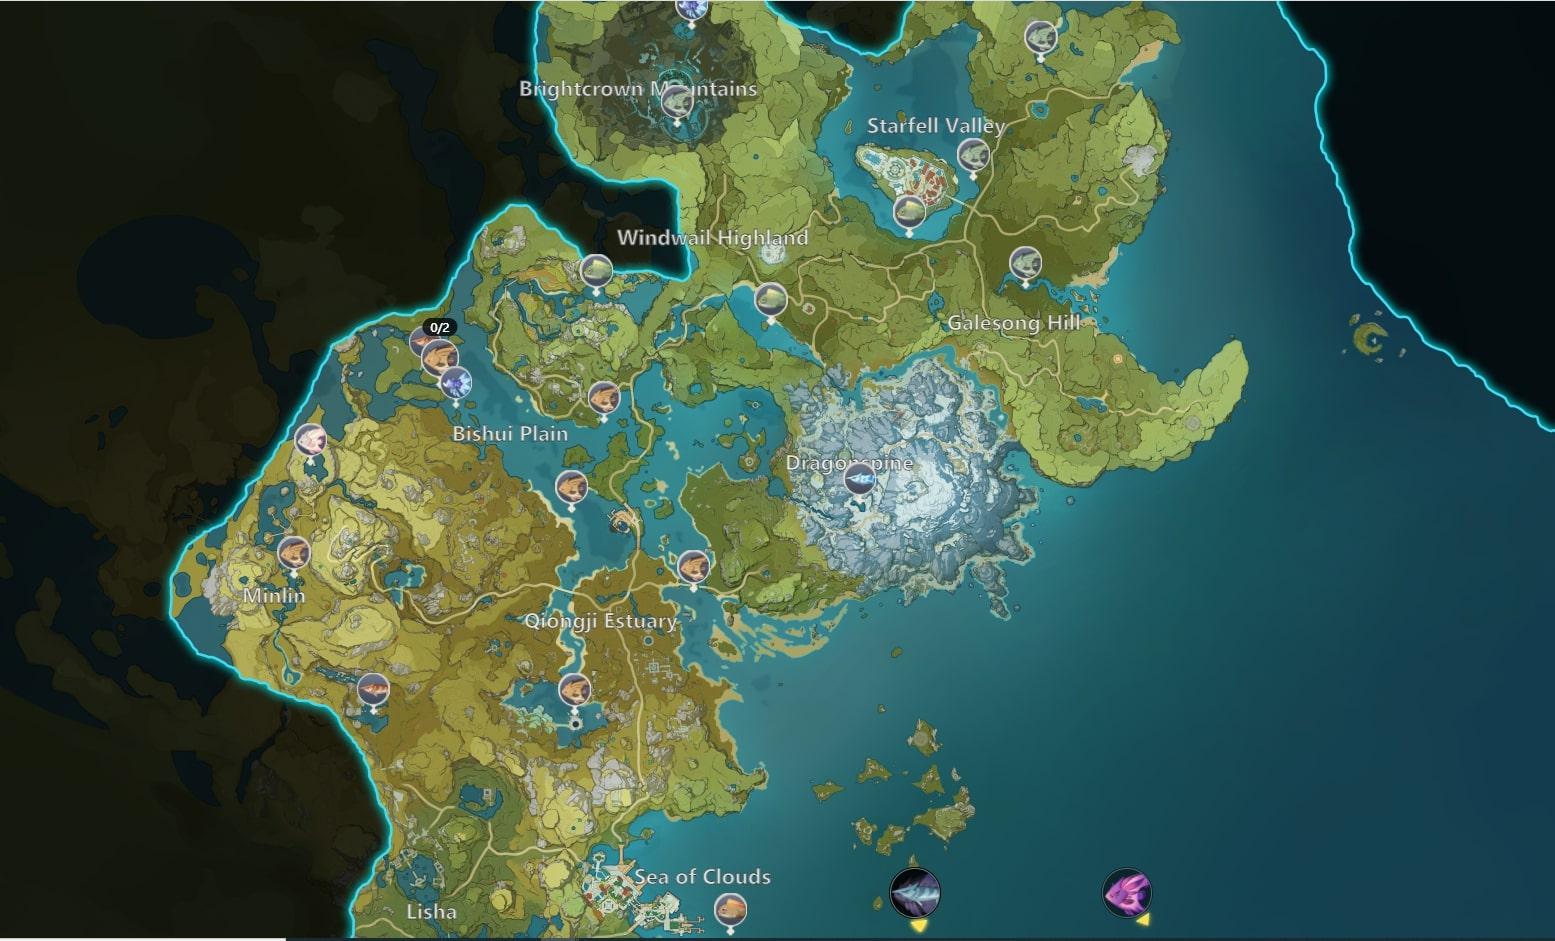 Mapa de pesca de impacto de Genshin Mondstadt Liyue